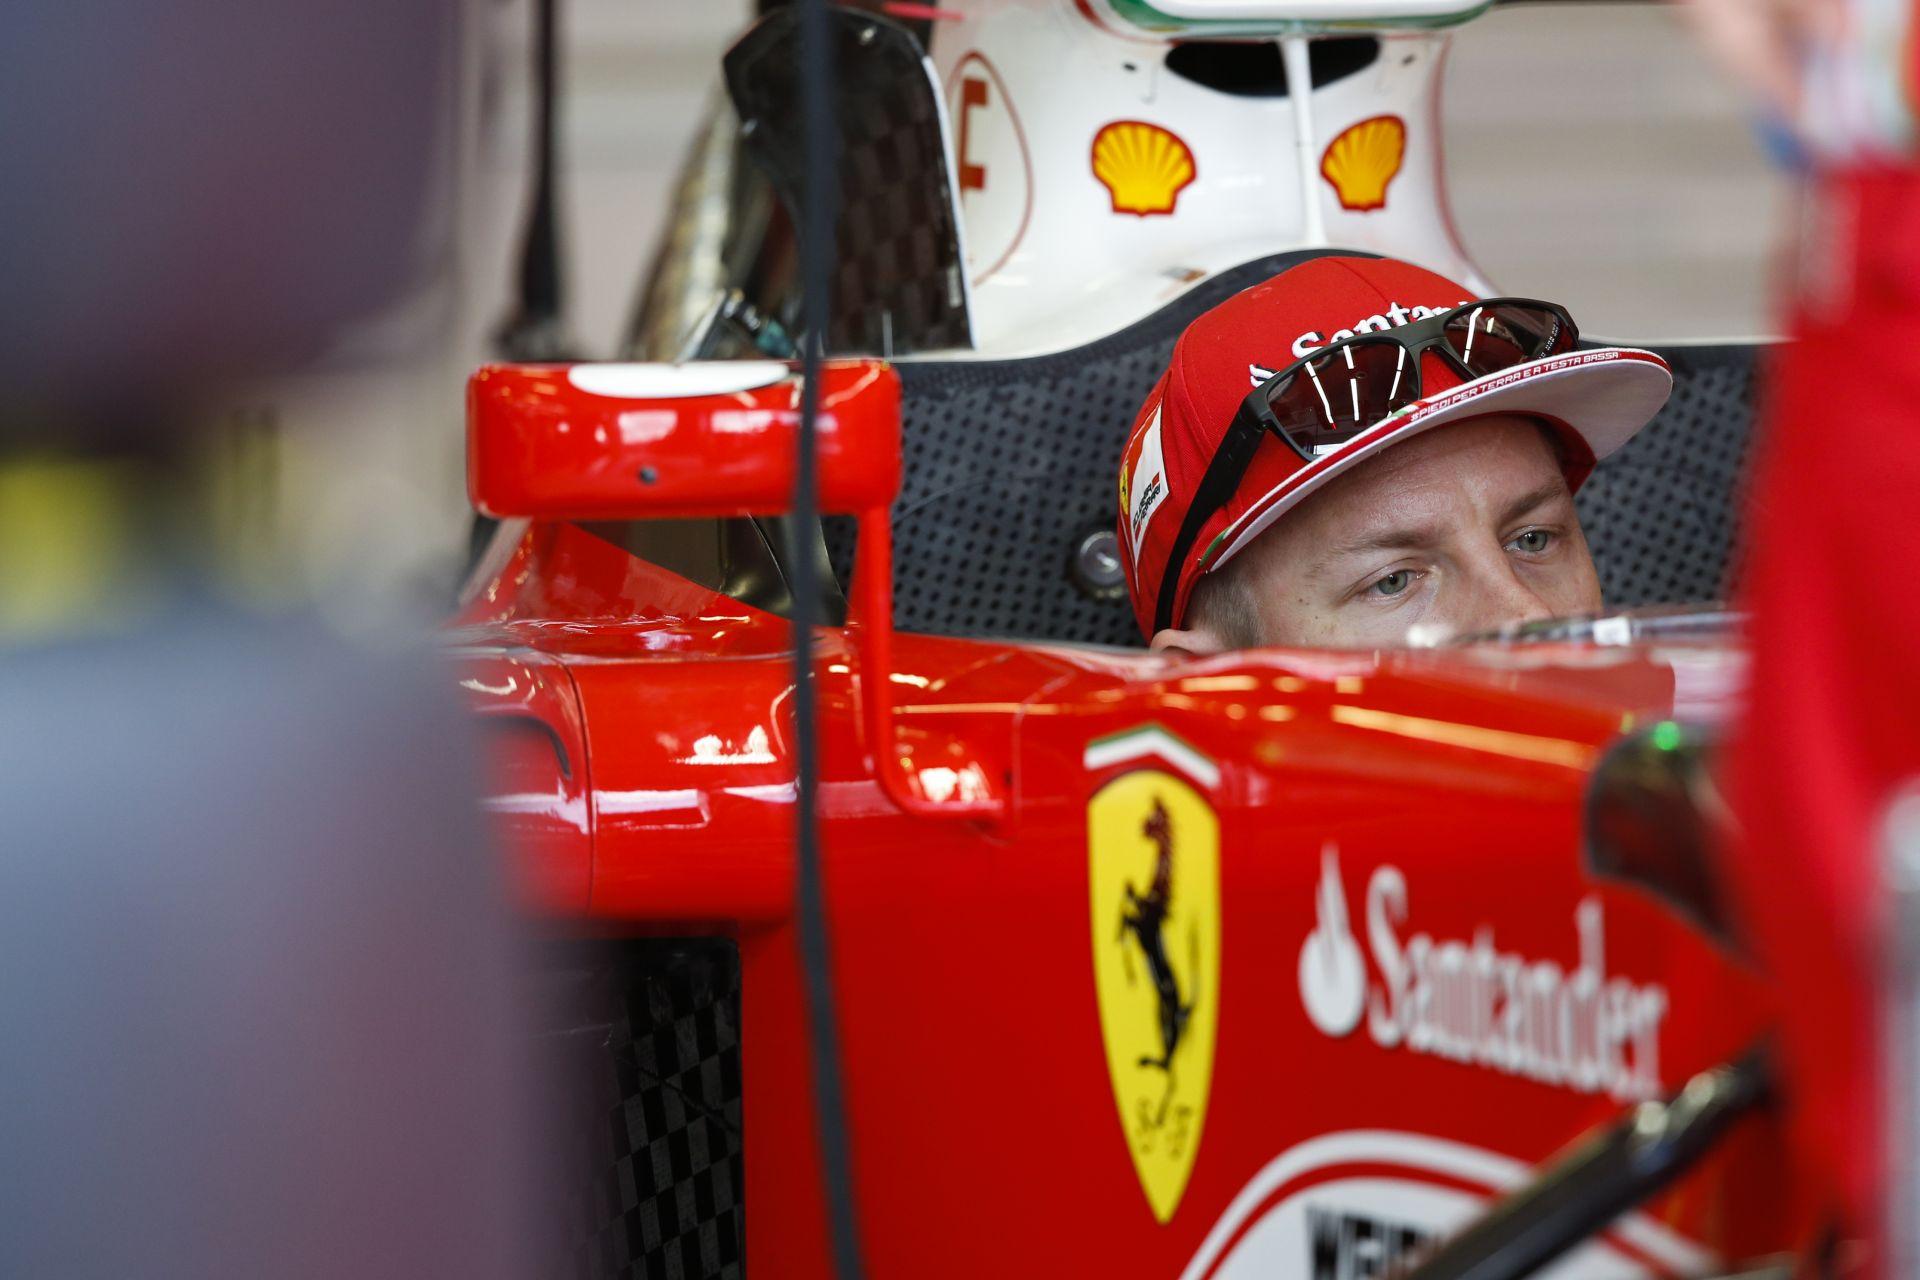 Ausztrál Nagydíj 2016: Kövesd ÉLŐBEN az első F1-es szabadedzést Melbourne-ből (02:30)